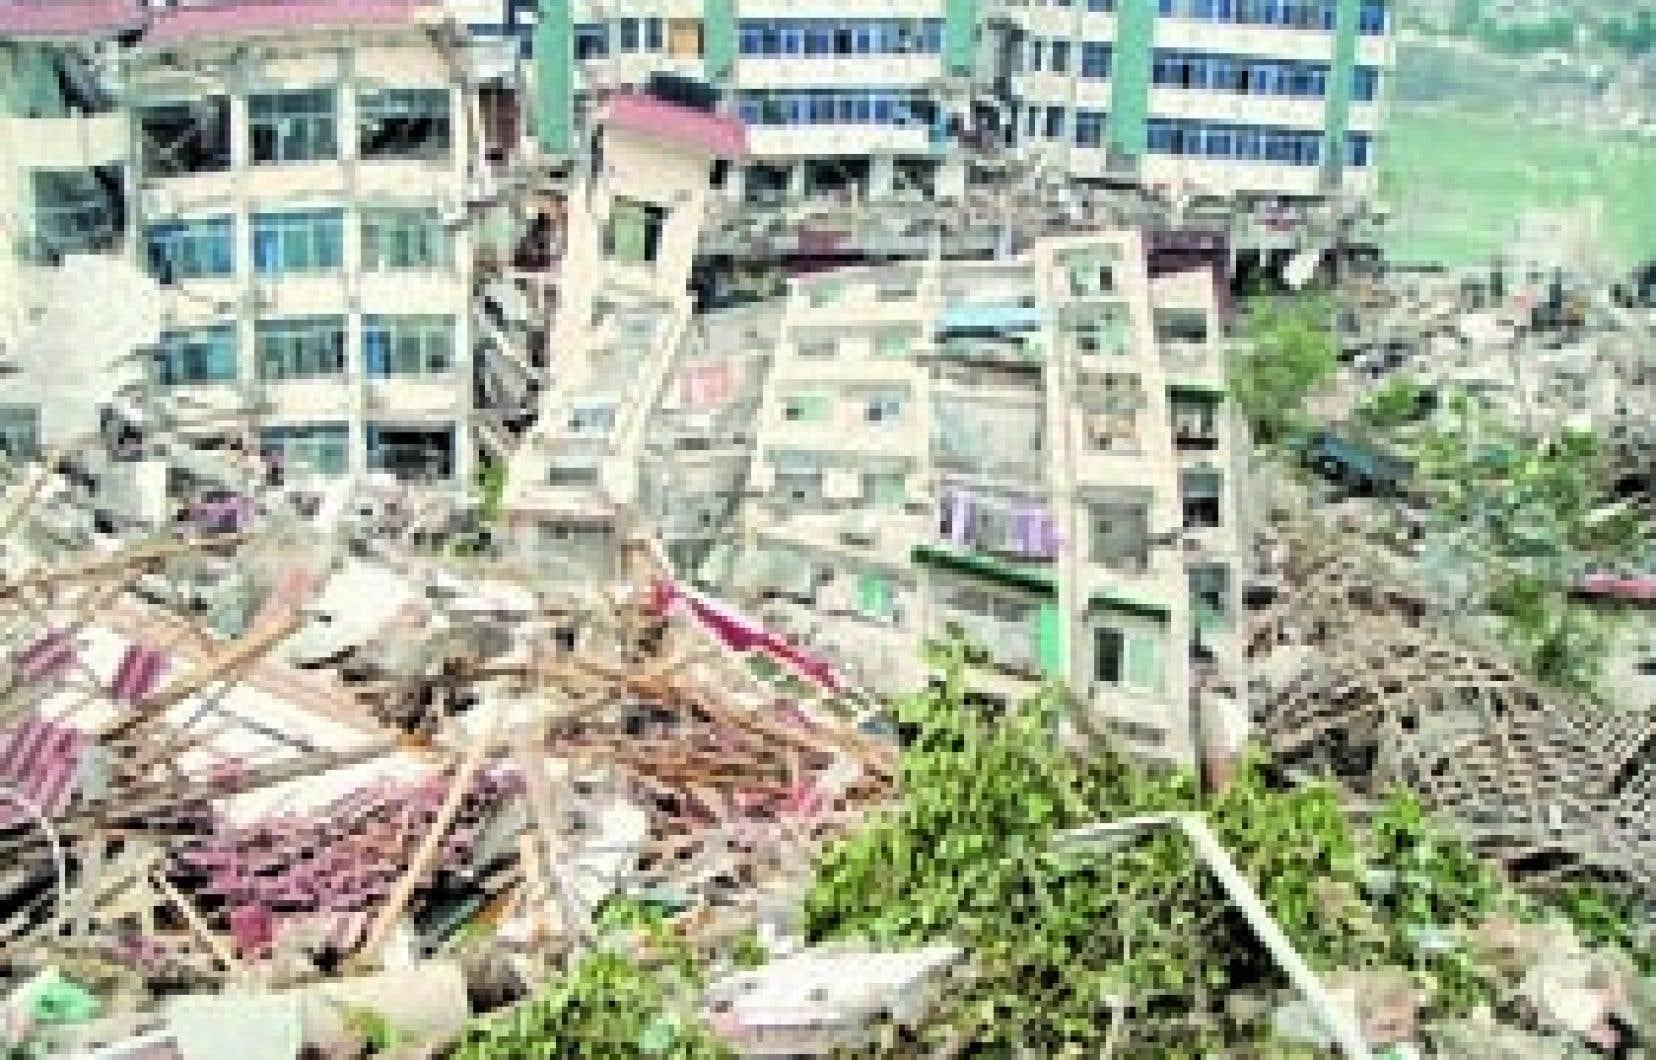 Le séisme du Sichuan, il y aura de cela bientôt un an: plus de 69 000 morts, 374 600 blessés grièvement, près de 18 000 disparus, 7,8 millions de maisons complètement détruites et 24,6 millions d'habitations endommagées au point d'être inhab